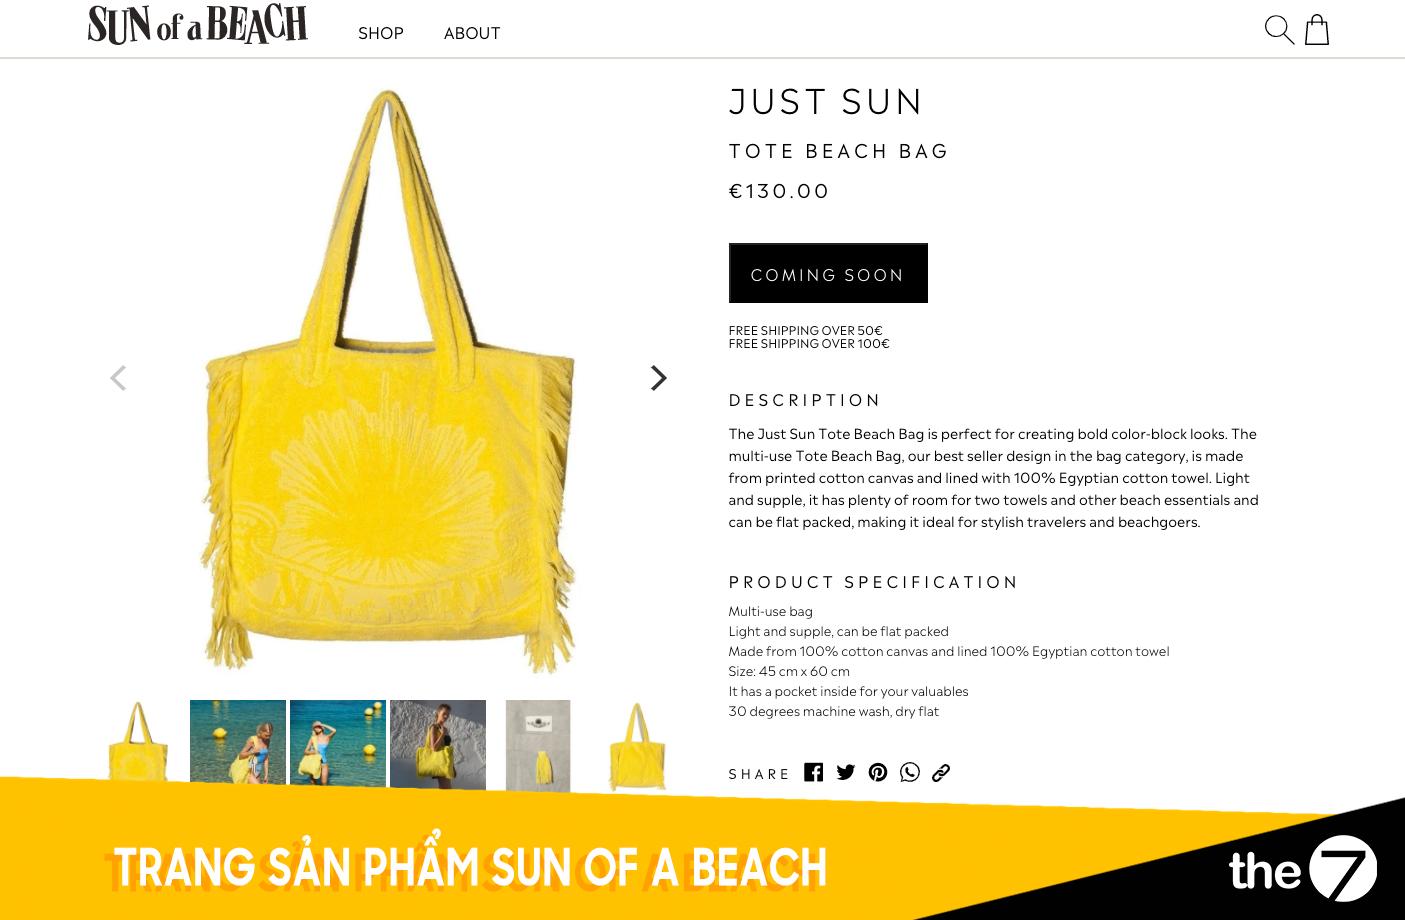 Thiết kế website bán hàng - Trang bán hàng Sun of a beach